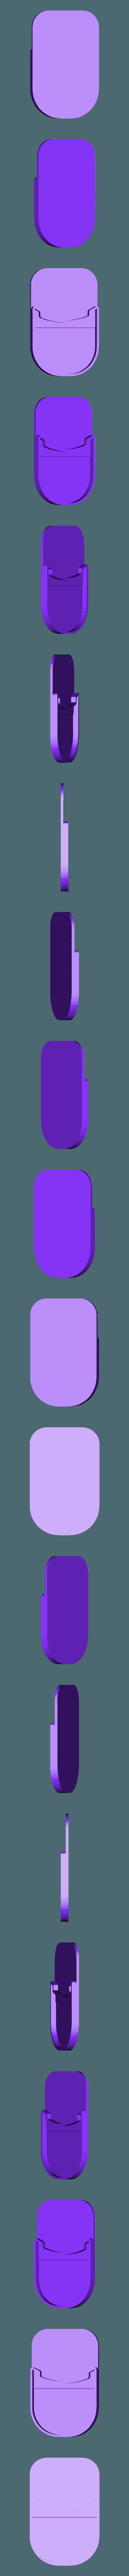 recolte goute .STL Télécharger fichier STL gratuit jo • Plan pour imprimante 3D, quentinsant